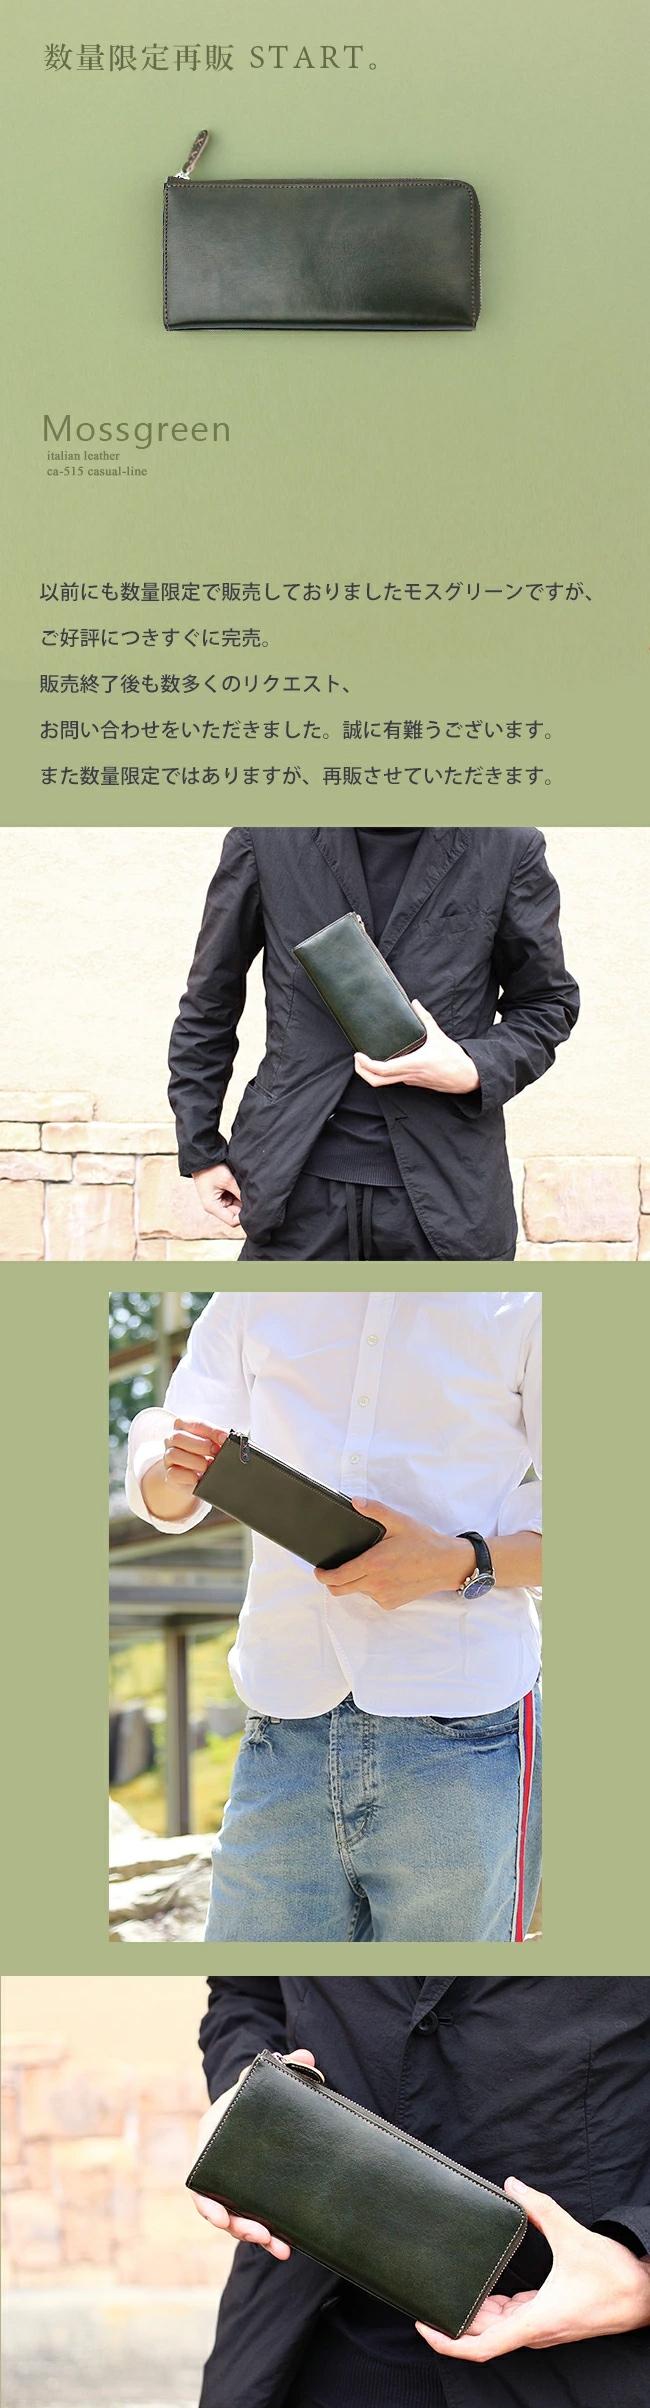 モスグリーン色の長財布